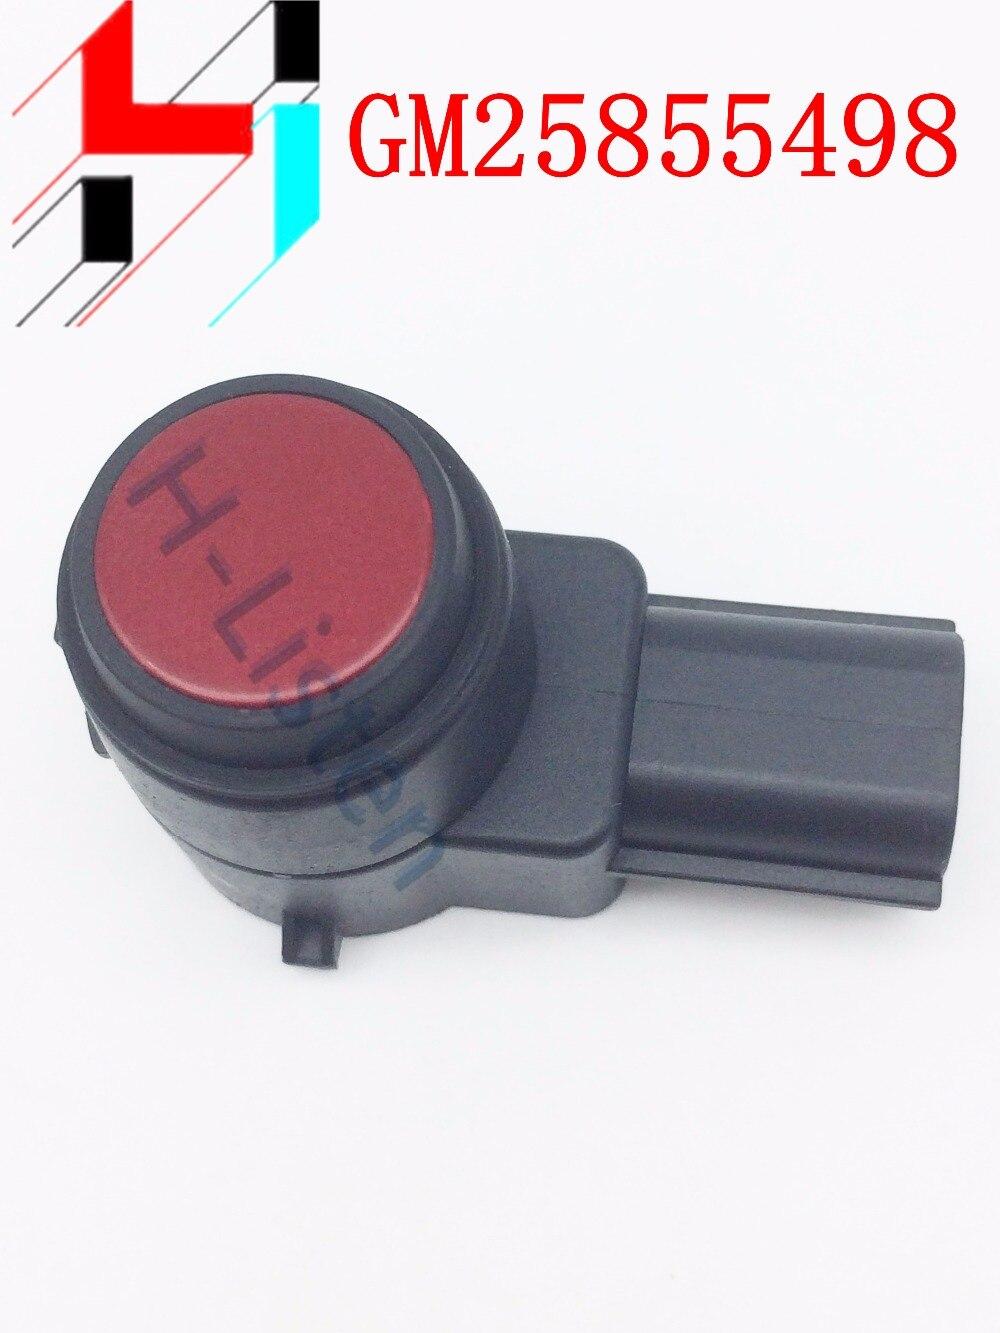 Парковка Сенсор 25855498 Оригинал Парковка PDC ультразвуковой Сенсор обратной помощь для C рузе О ПЕЛ C adillac